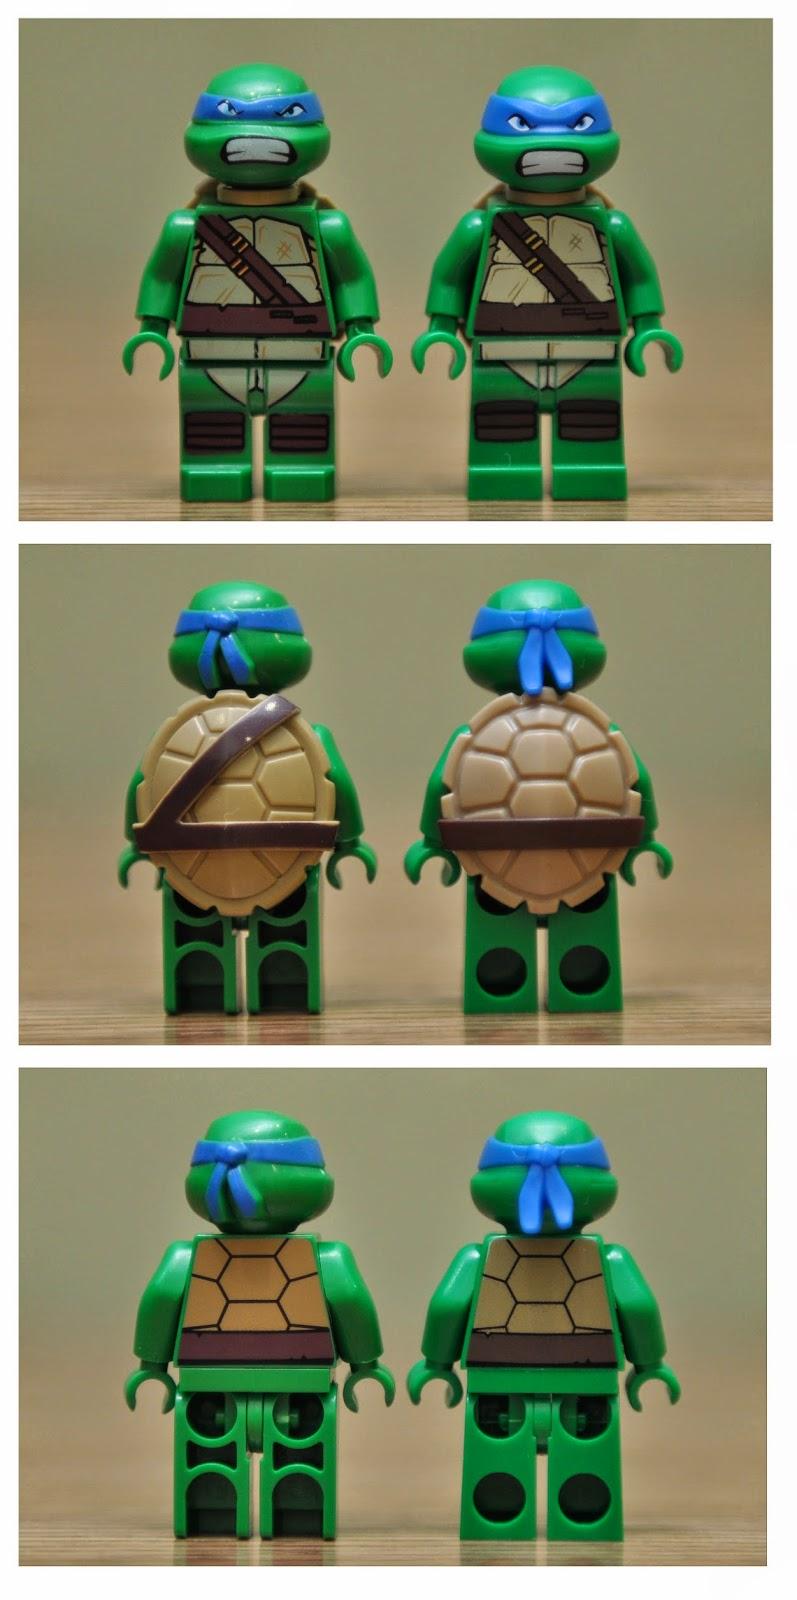 Ninja Turtle Nails: My Brick Store: Lego Teenage Mutant Ninja Turtles TMNT